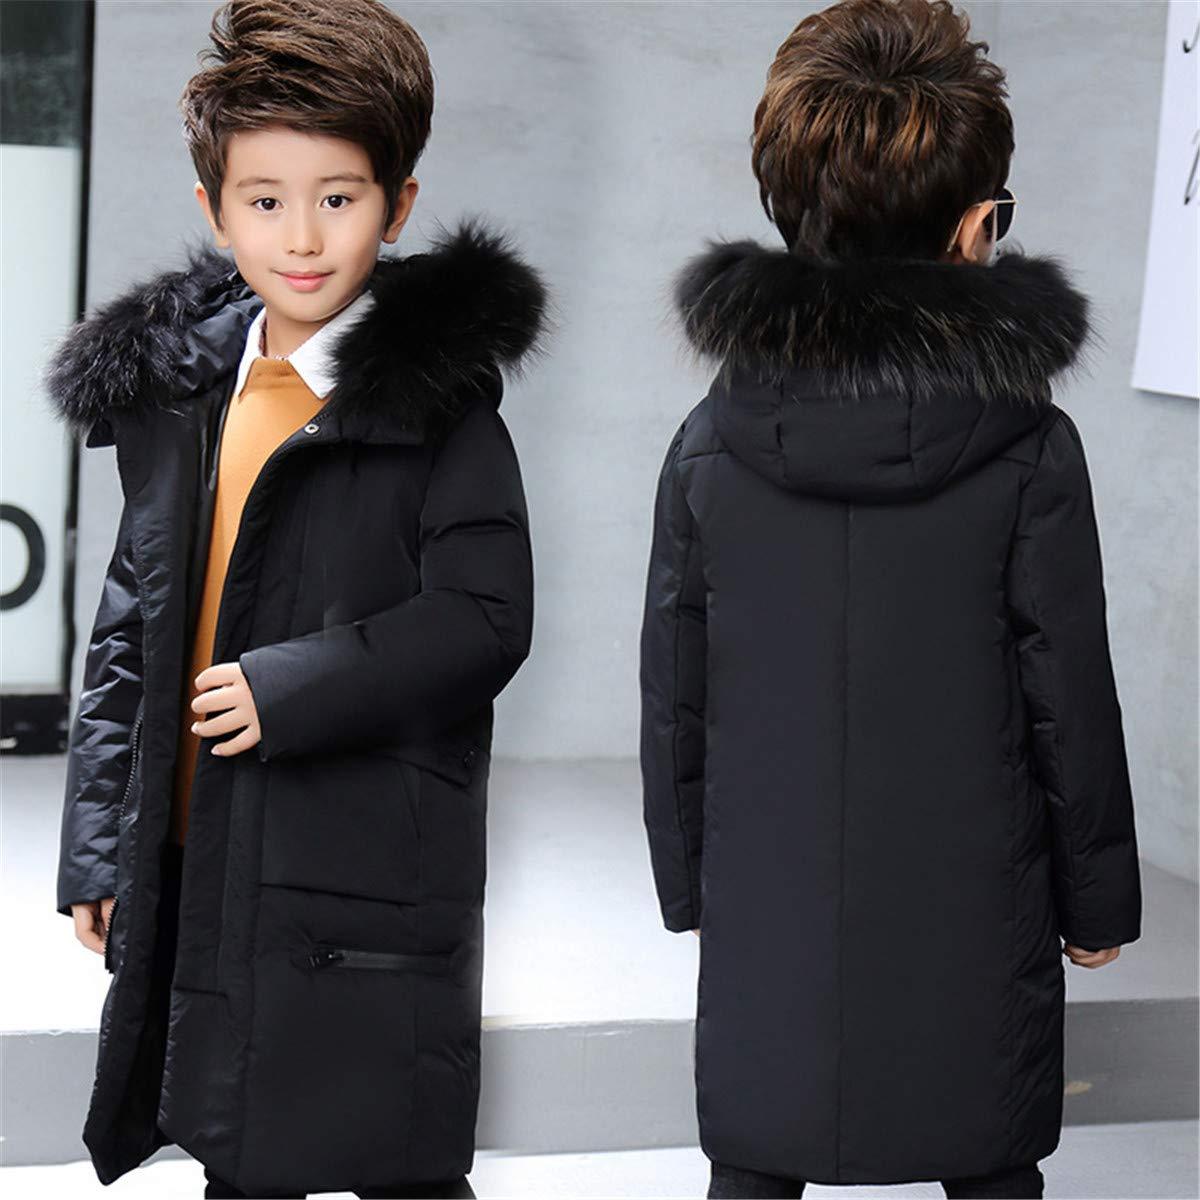 JELEUON Big Boys Zipper Hooded Soild Size Pocket Fur Trim Winter Warm Long Snowsuit Puffer Down Jacket Coat Outwear